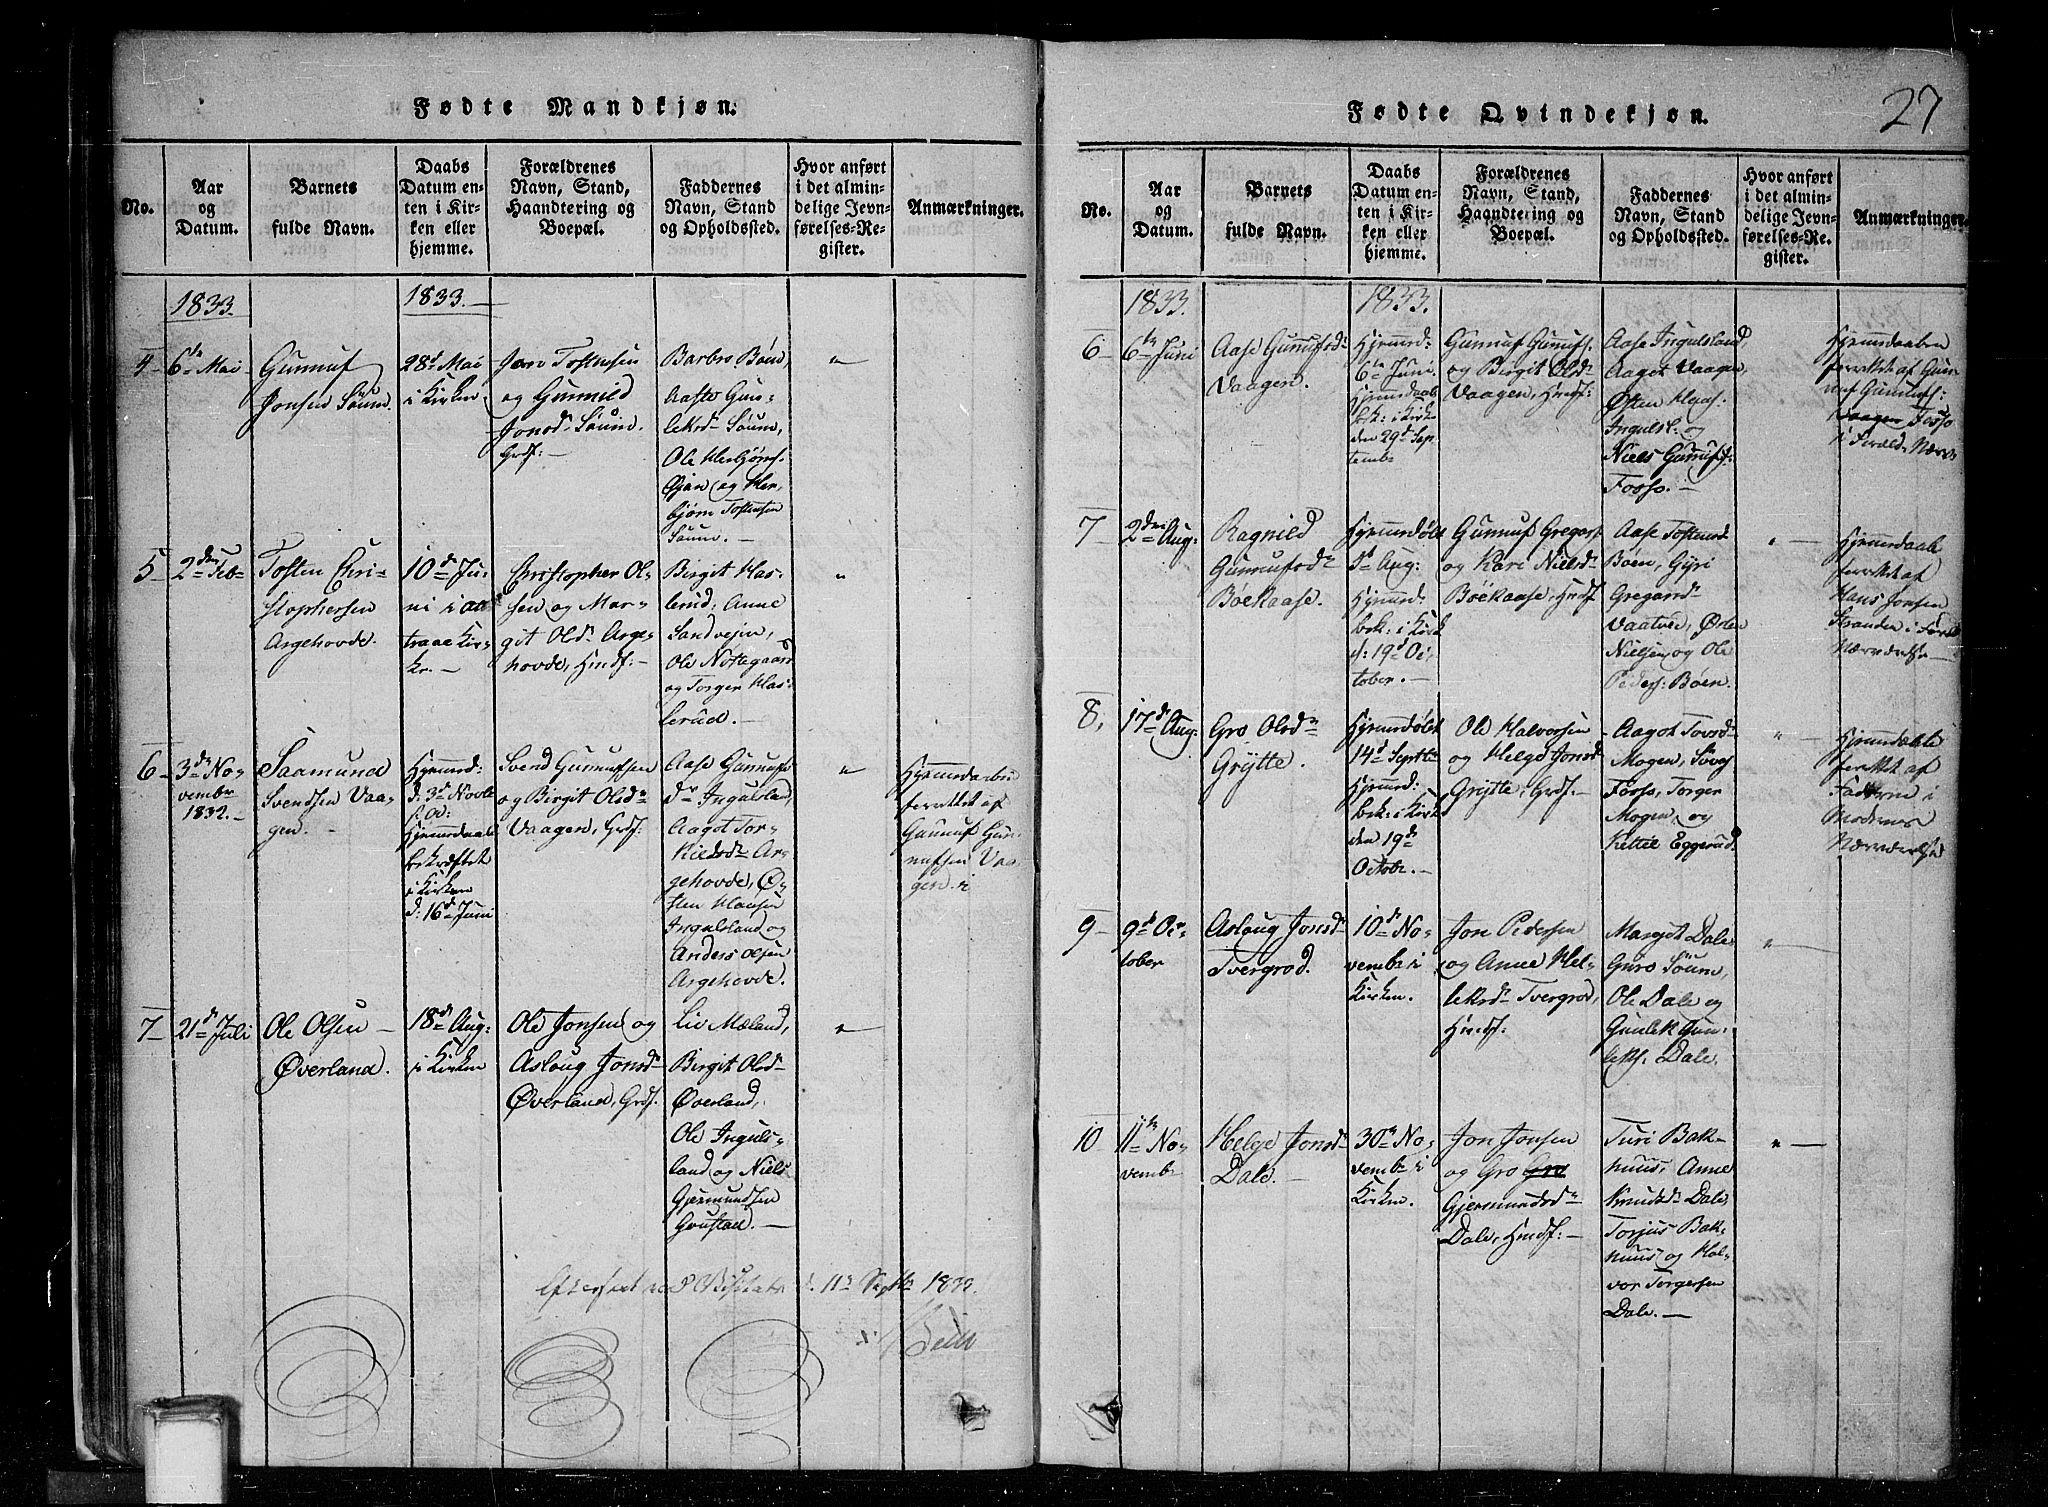 SAKO, Tinn kirkebøker, G/Gc/L0001: Klokkerbok nr. III 1, 1815-1879, s. 27